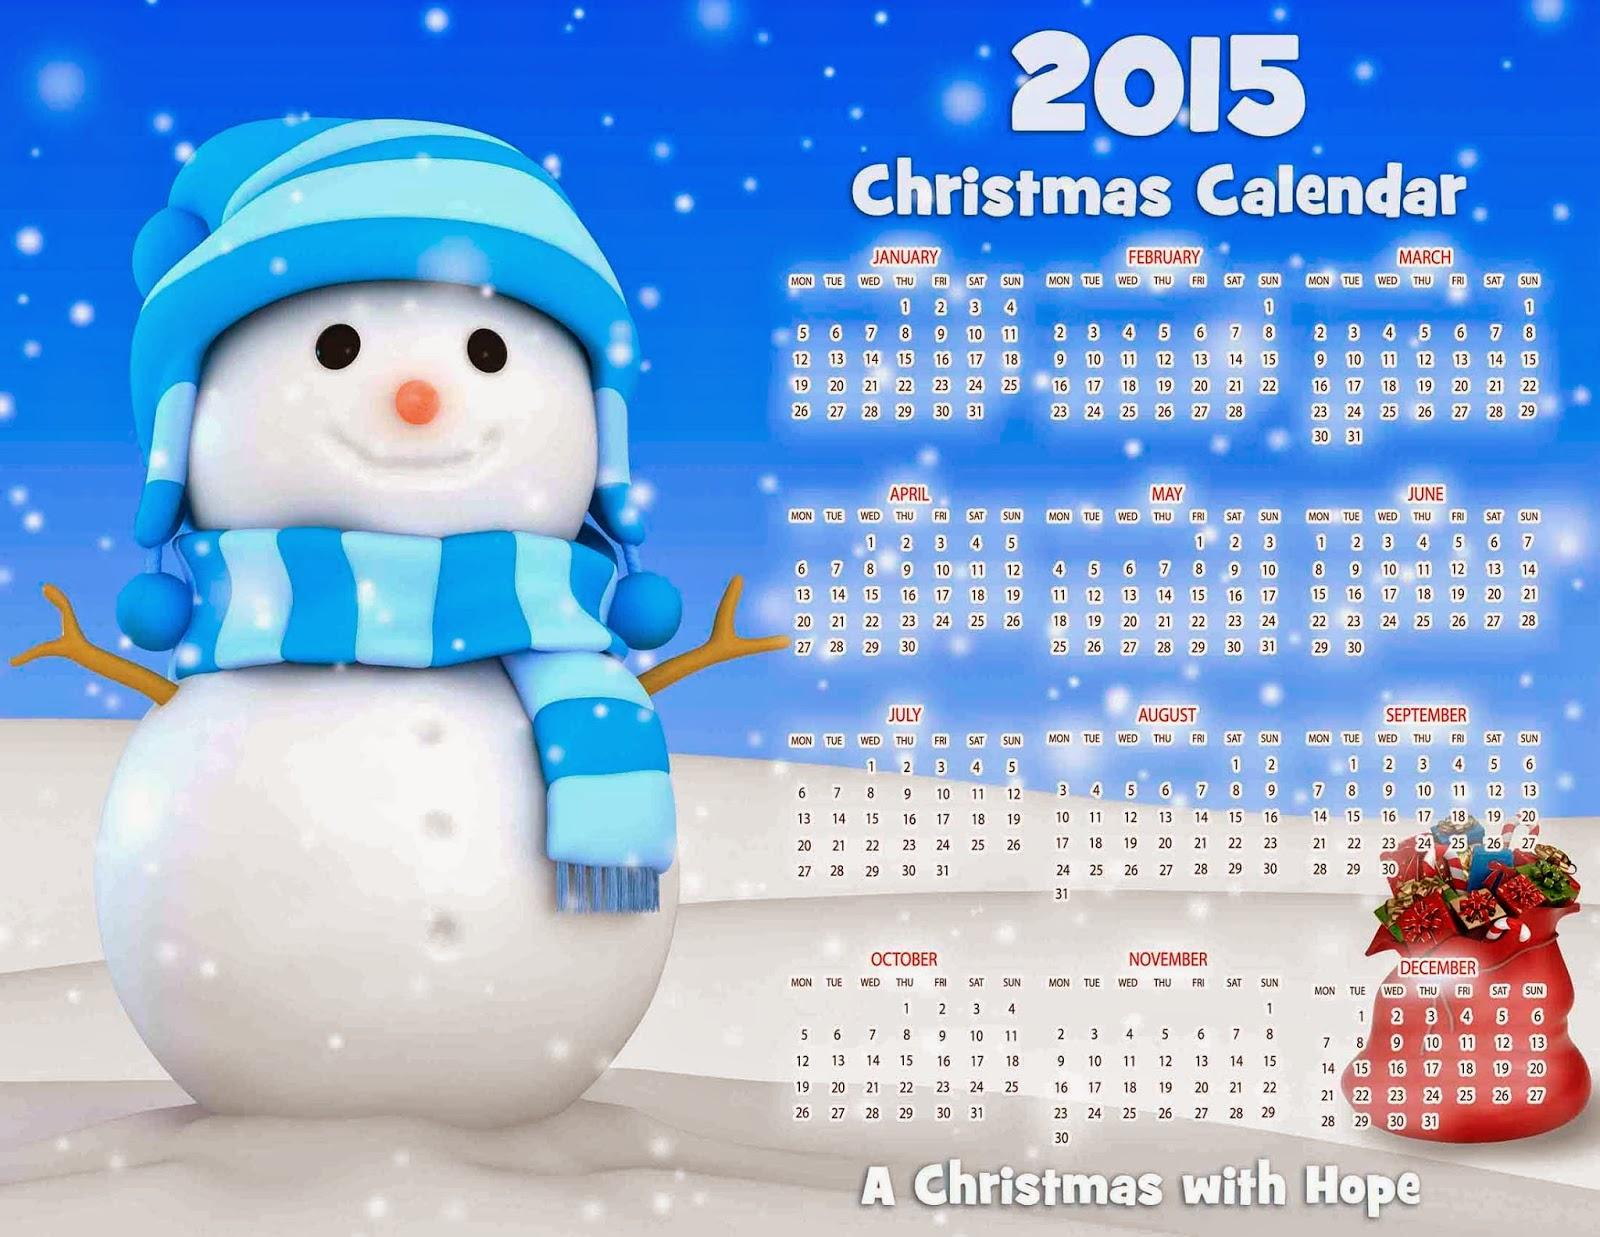 Muñeco de nieve con regalos y calendario 2015 en inglés